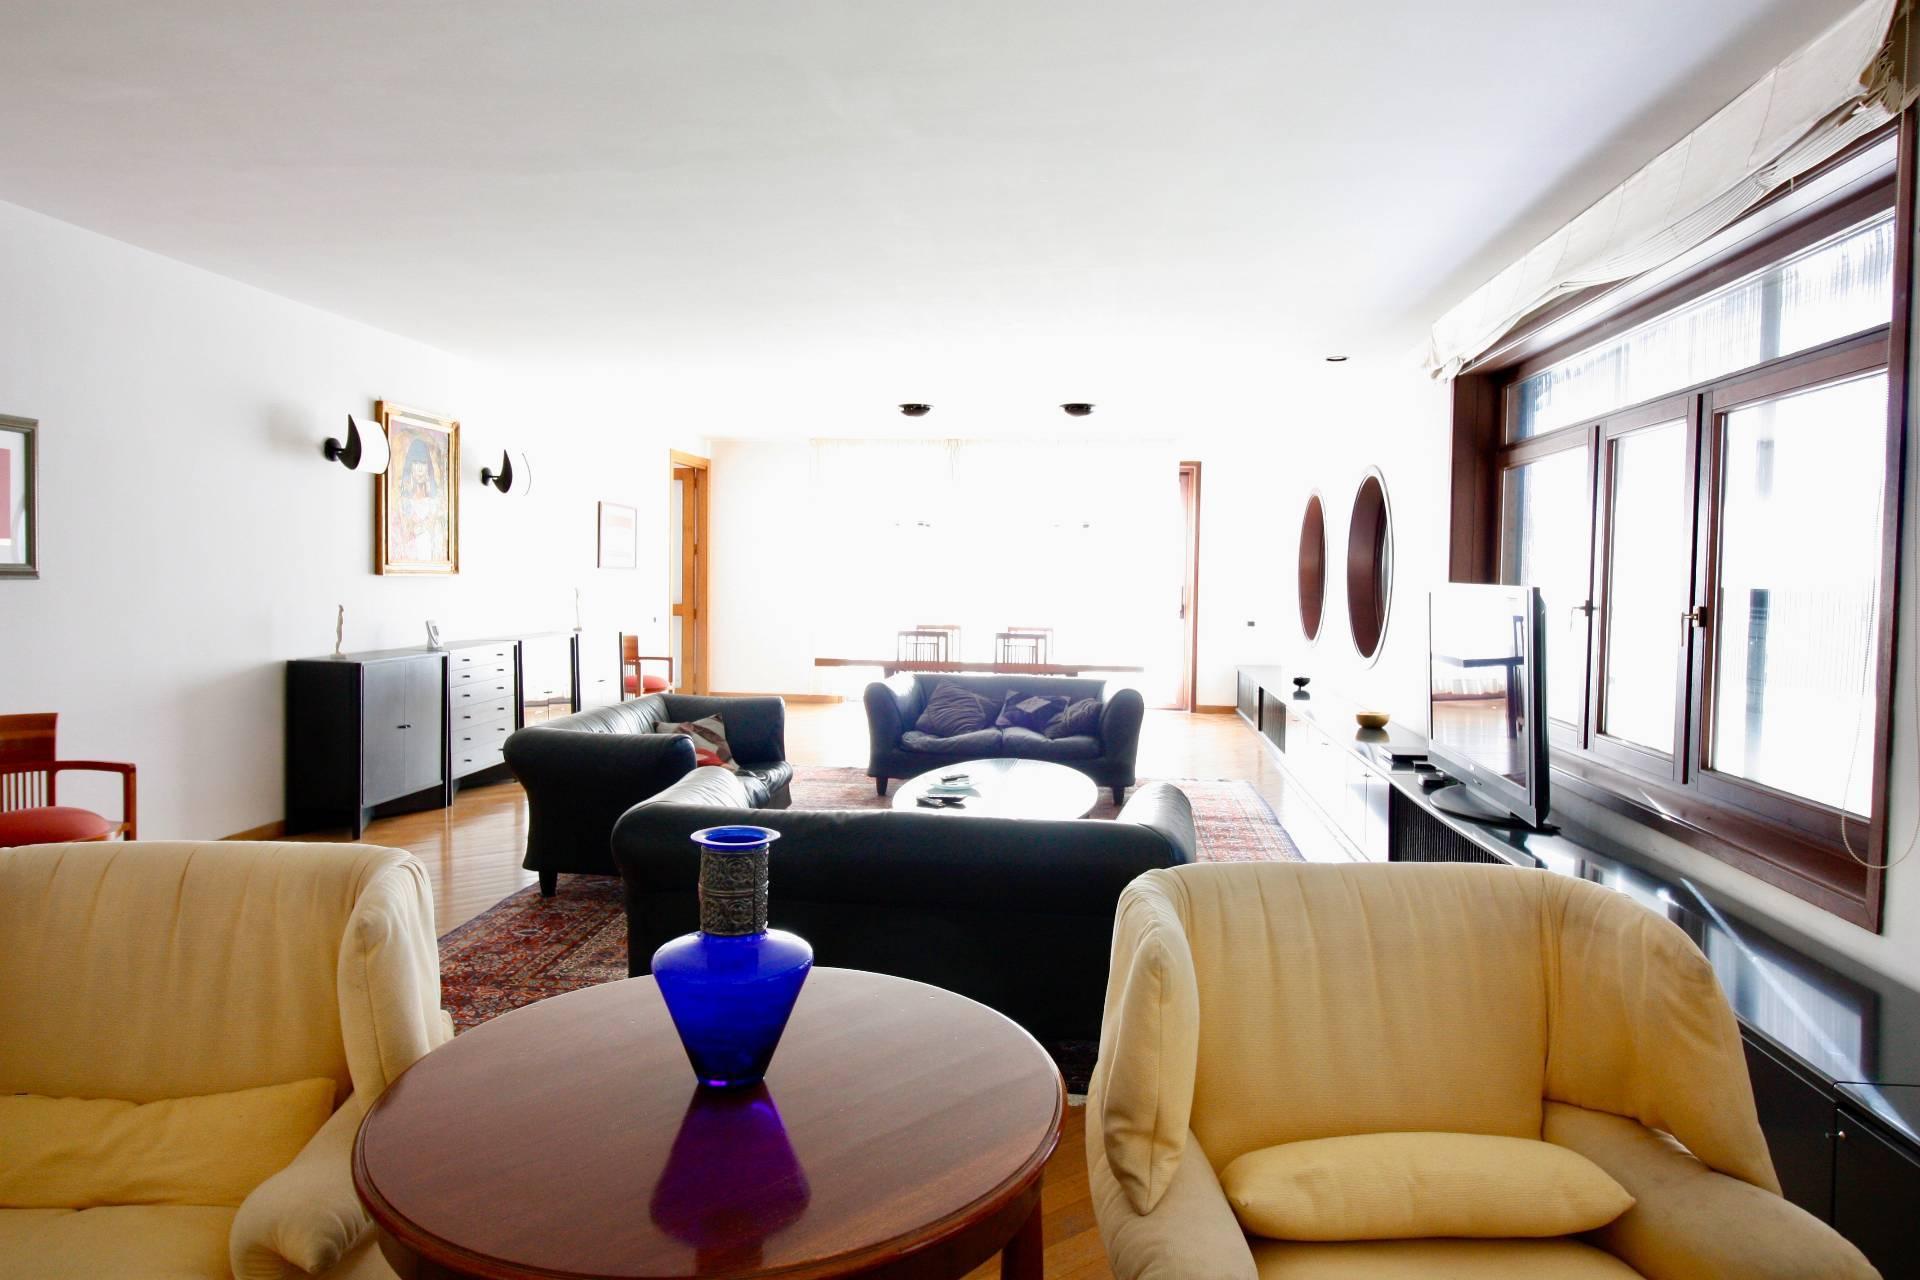 Villa in vendita a Ronciglione, 18 locali, zona Località: semi-centrale, prezzo € 495.000 | CambioCasa.it